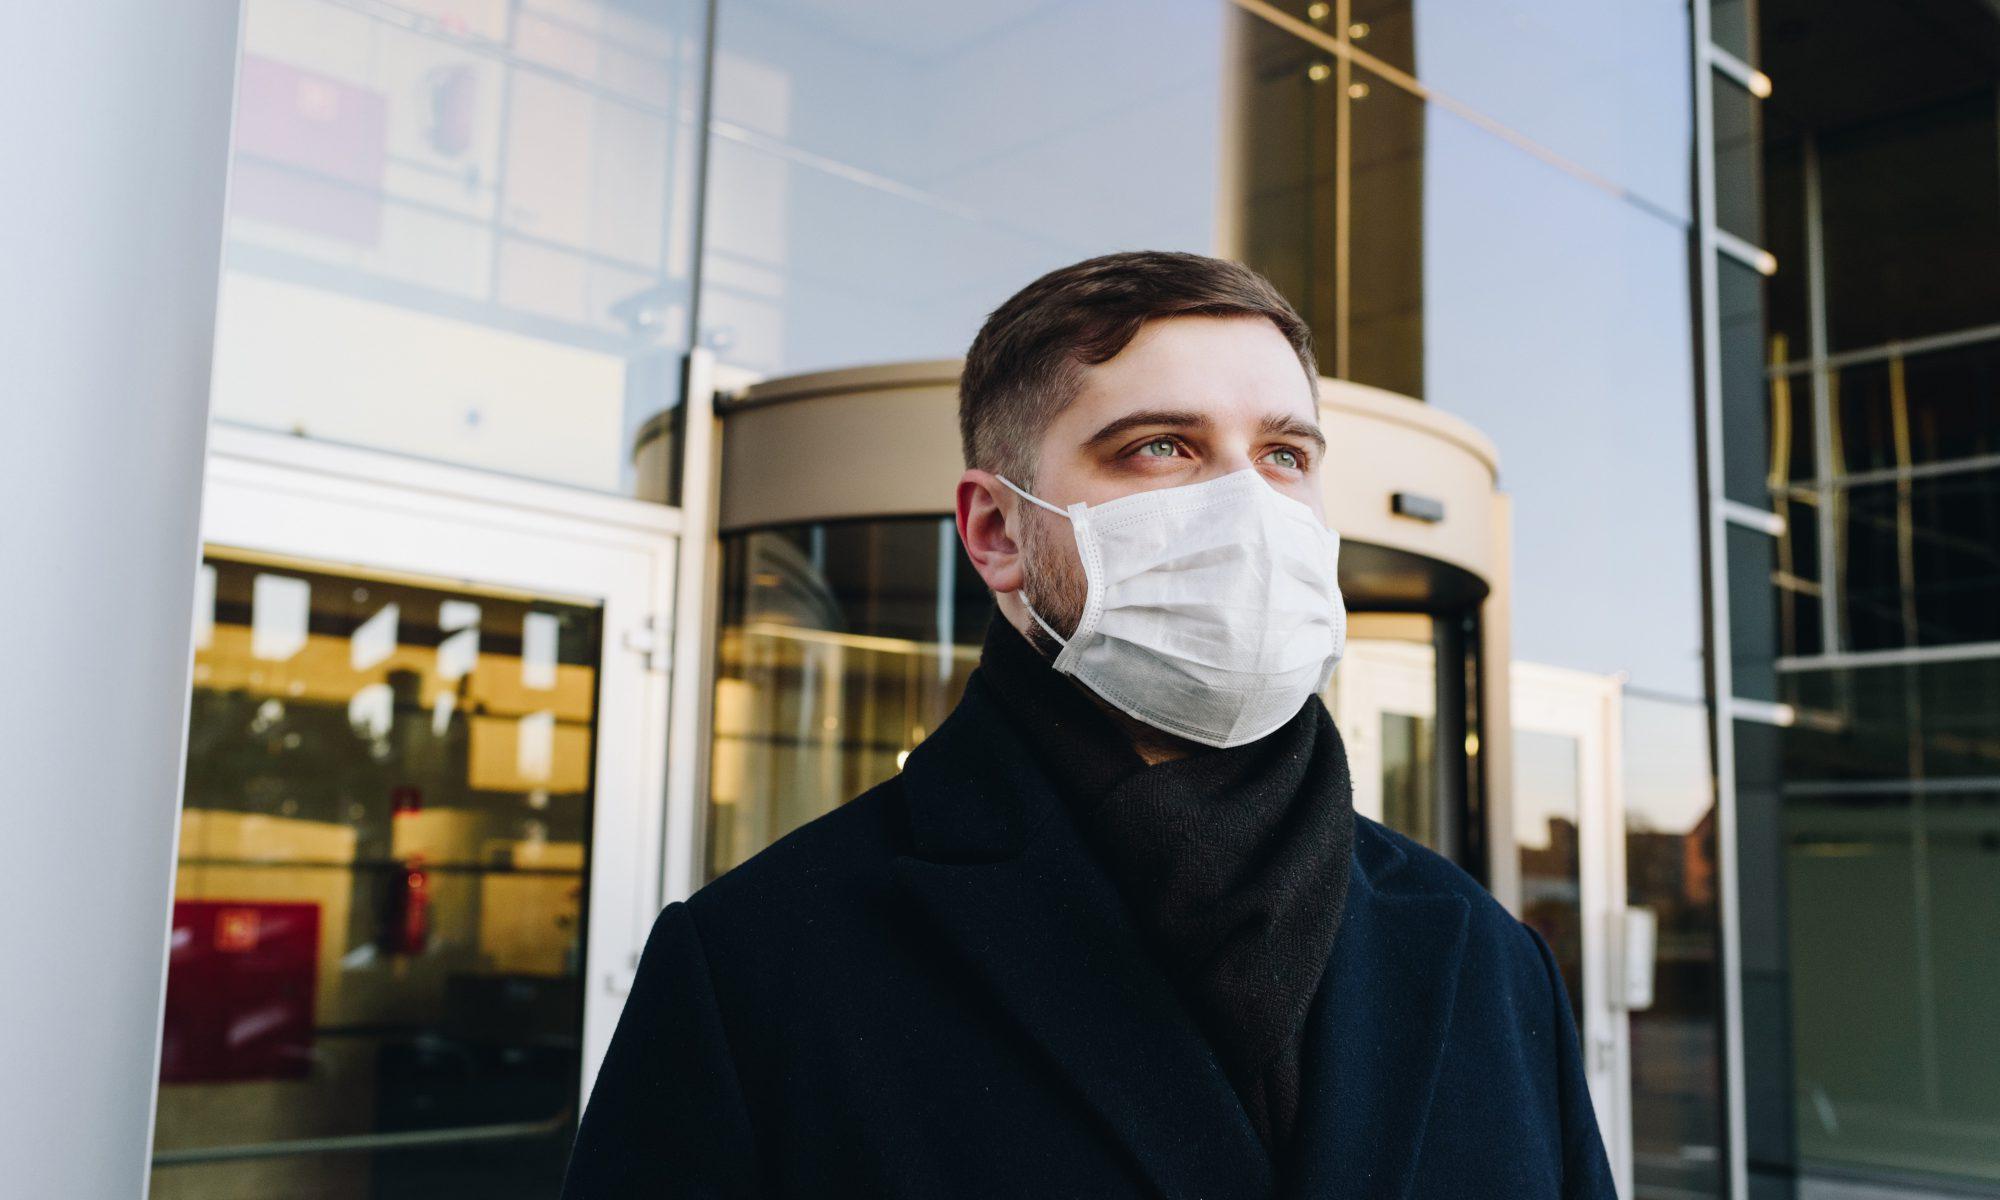 Maske tragen im Unternehmen